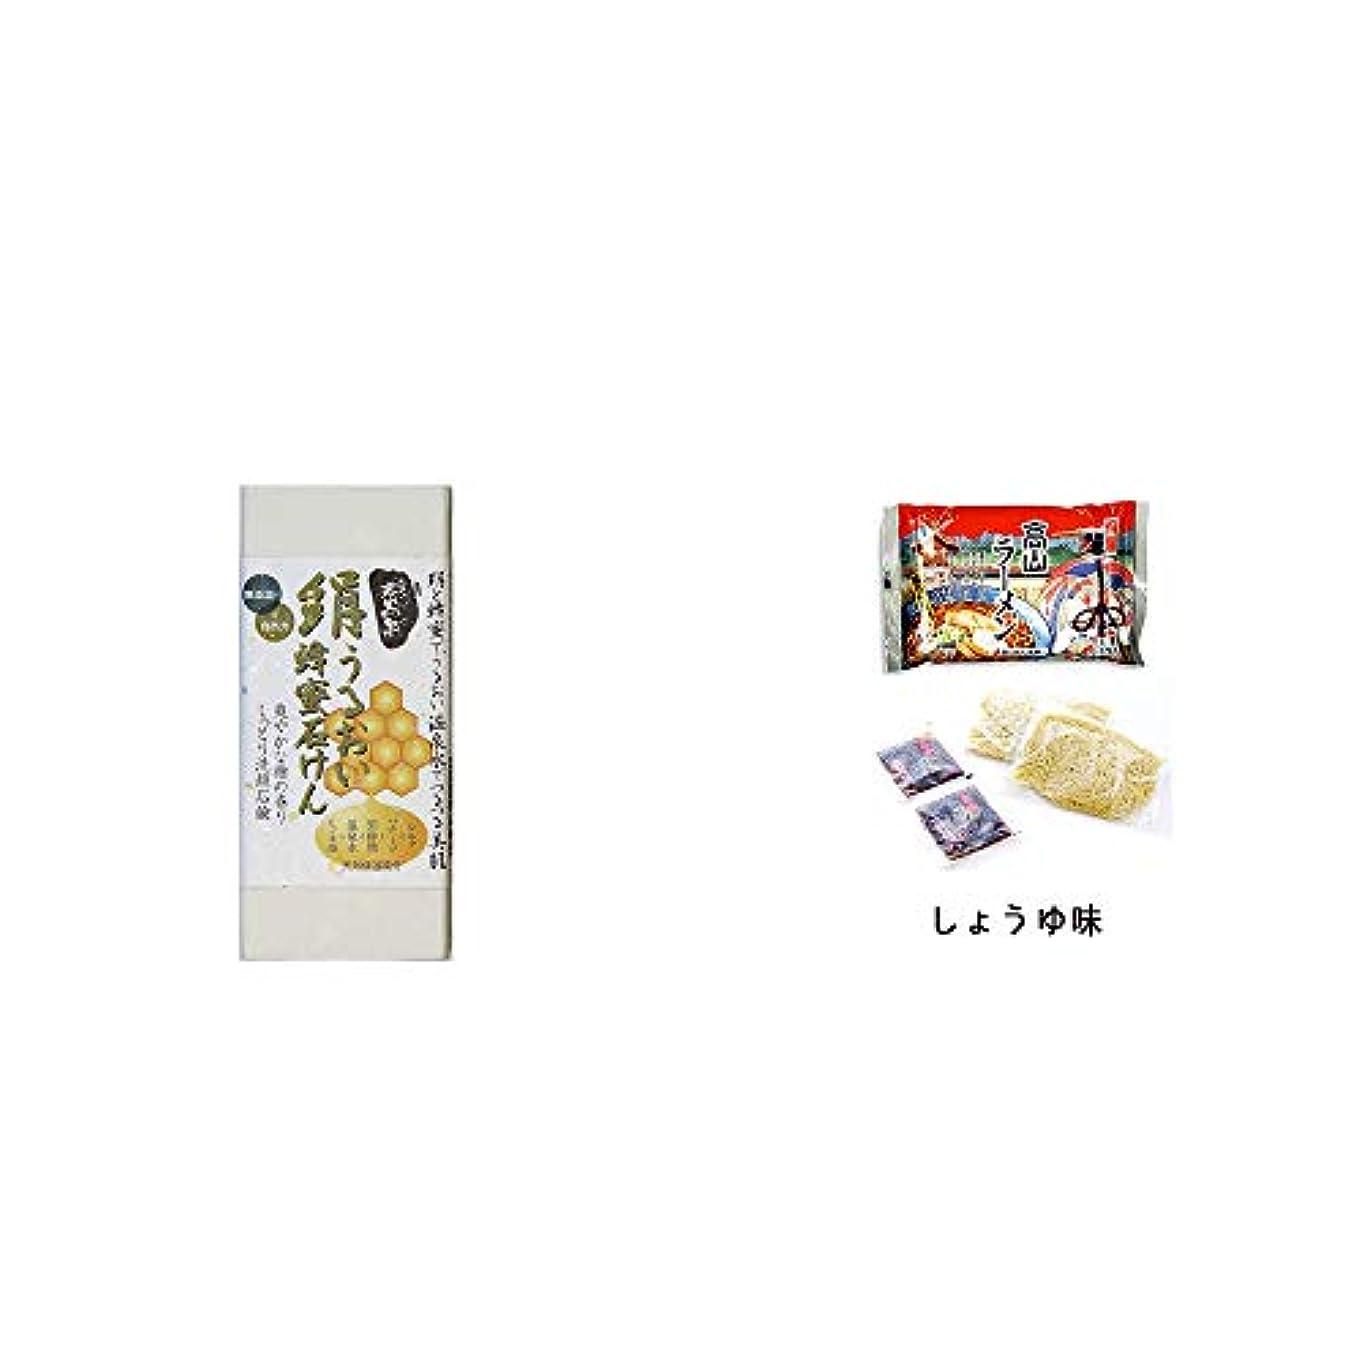 近所のコンソール差別化する[2点セット] ひのき炭黒泉 絹うるおい蜂蜜石けん(75g×2)?飛騨高山ラーメン[生麺?スープ付 (しょうゆ味)]